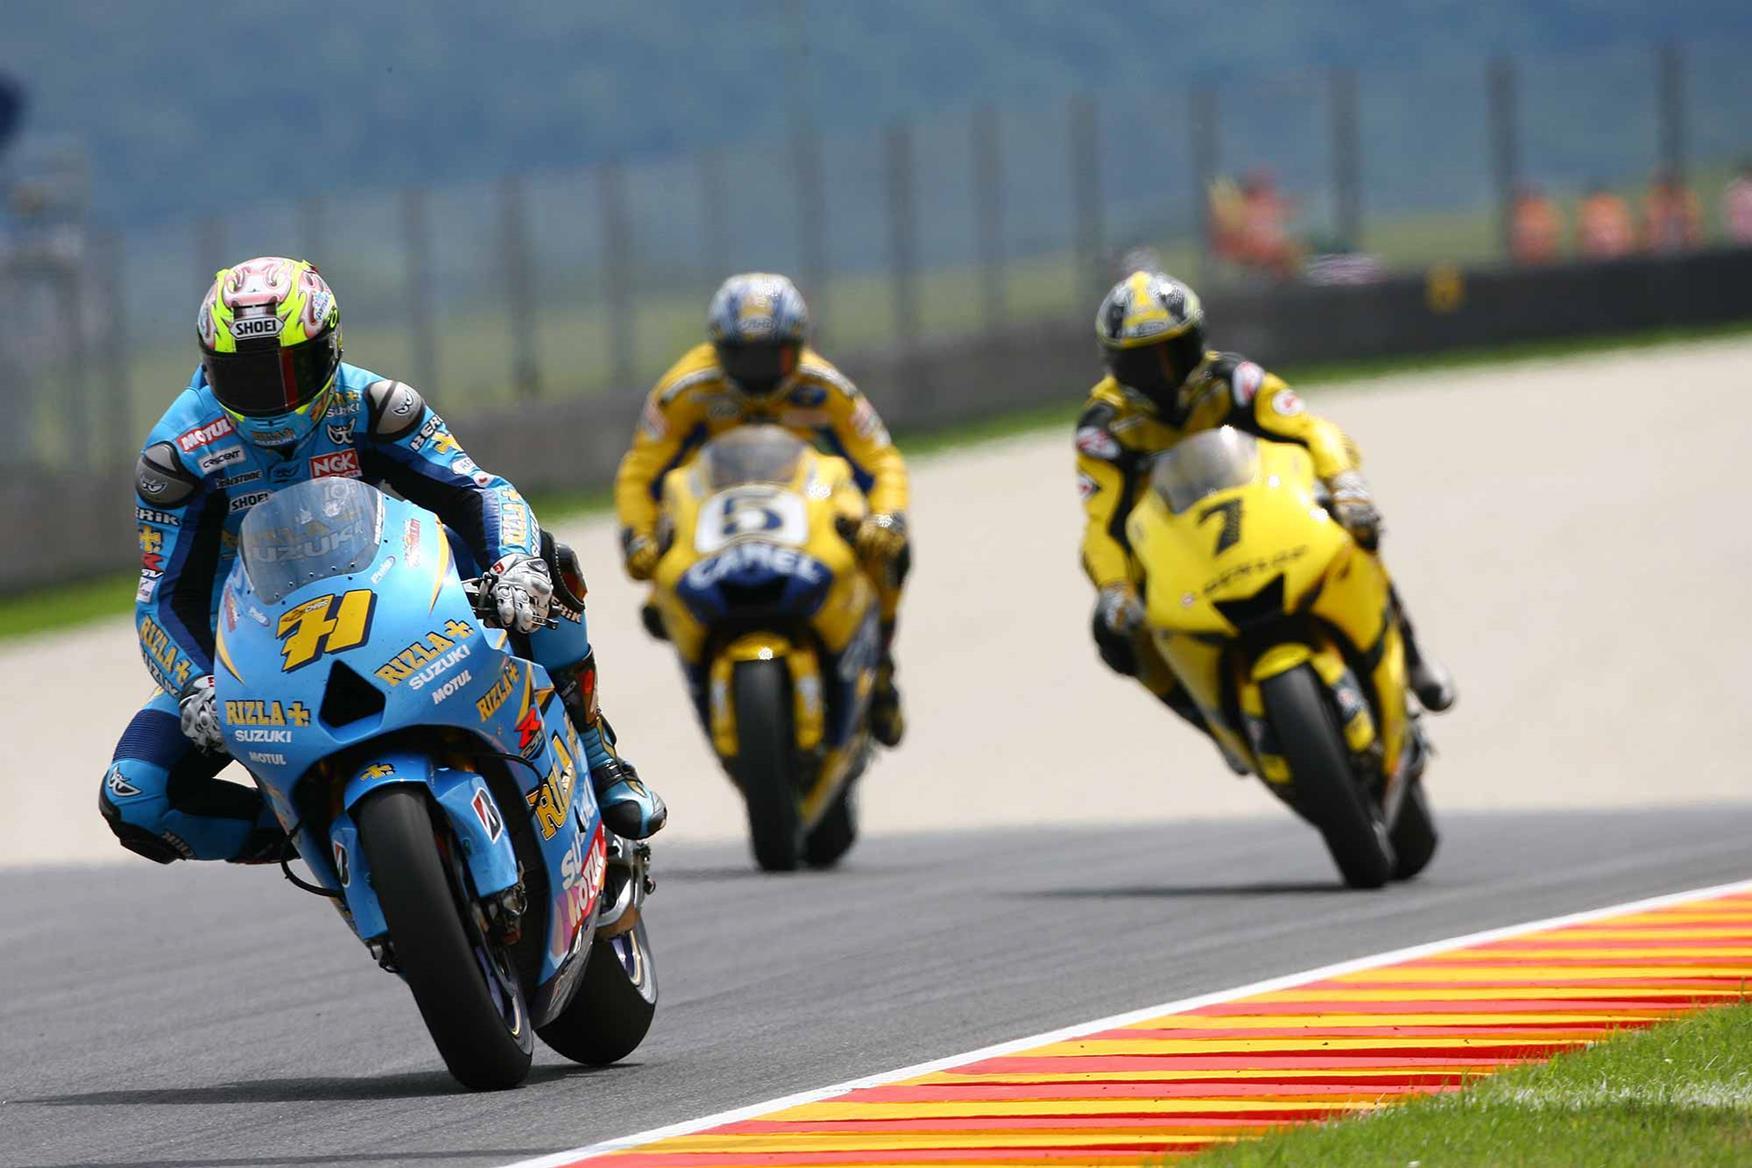 Chris Vermeulen took his sole MotoGP victory with Suzuki in 2007